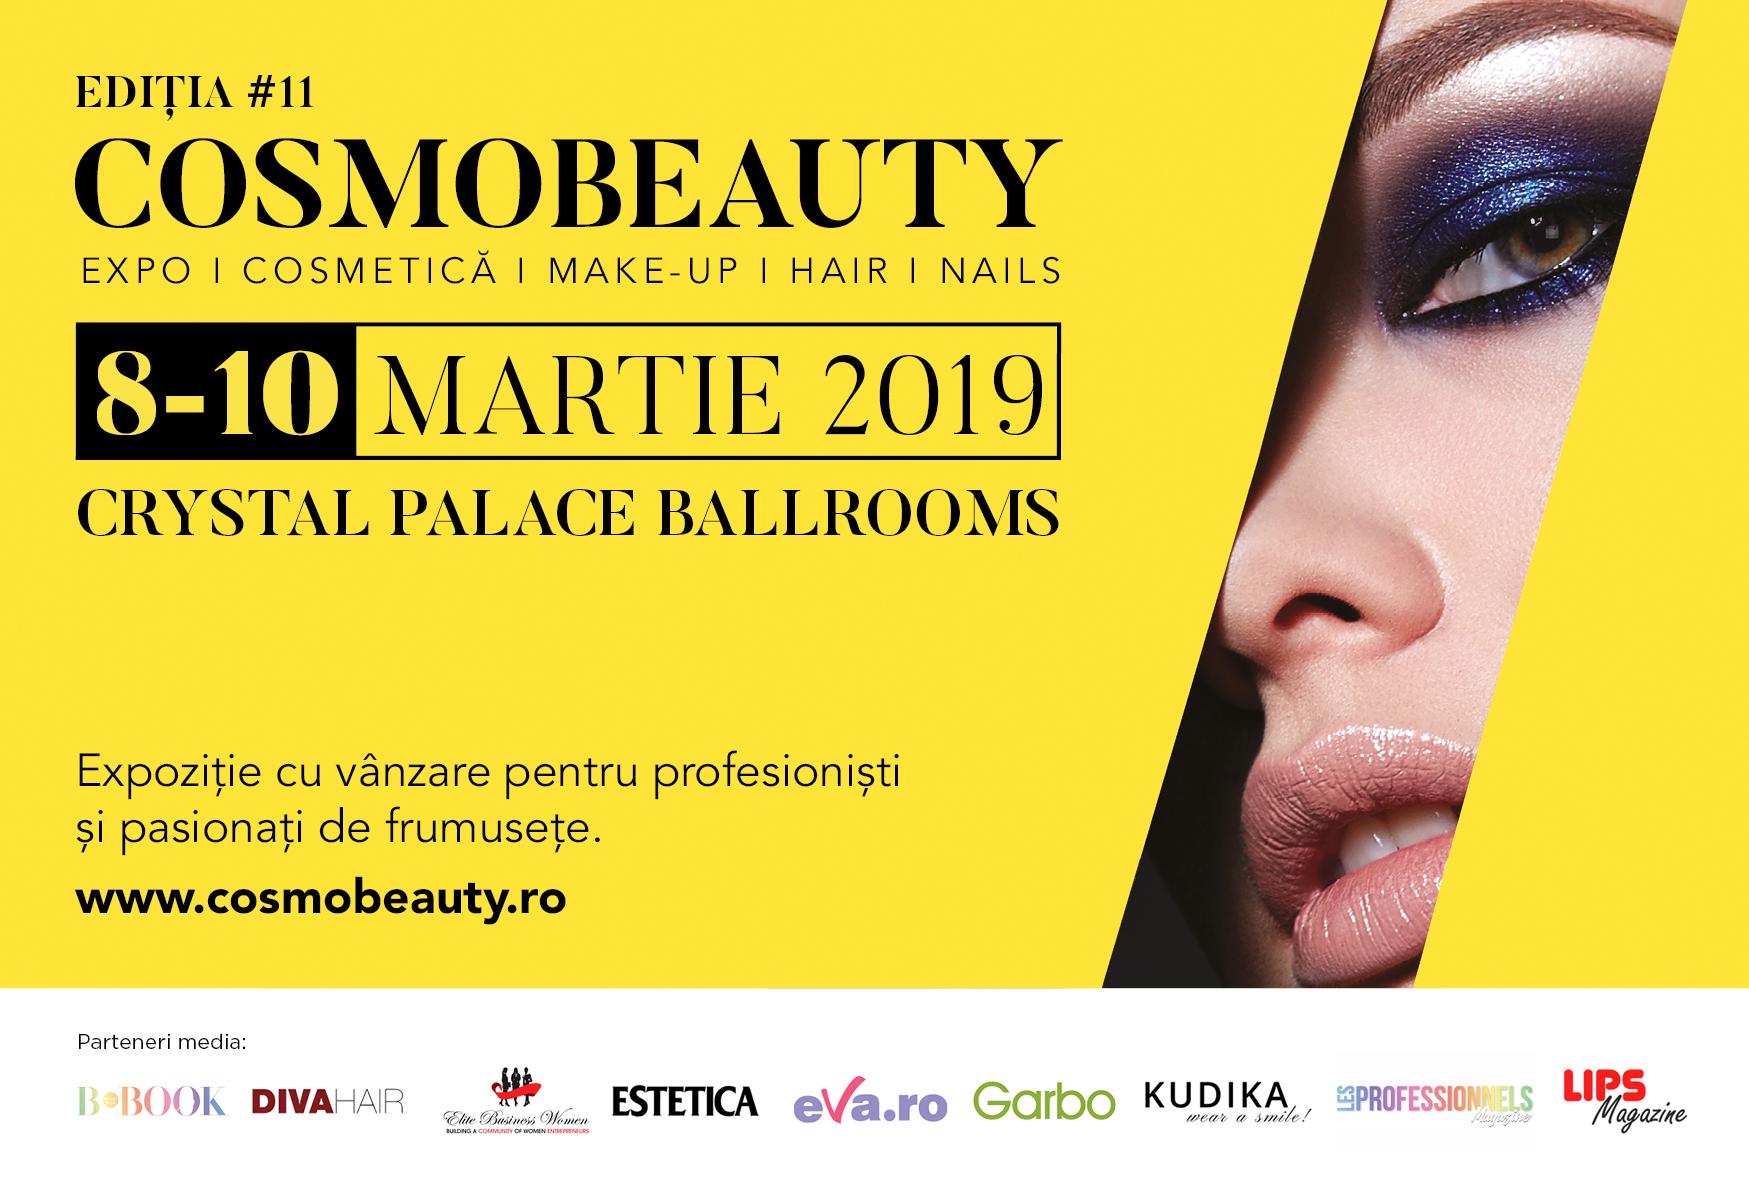 Industria Beauty isi da intalnire in martie la Cosmobeauty!